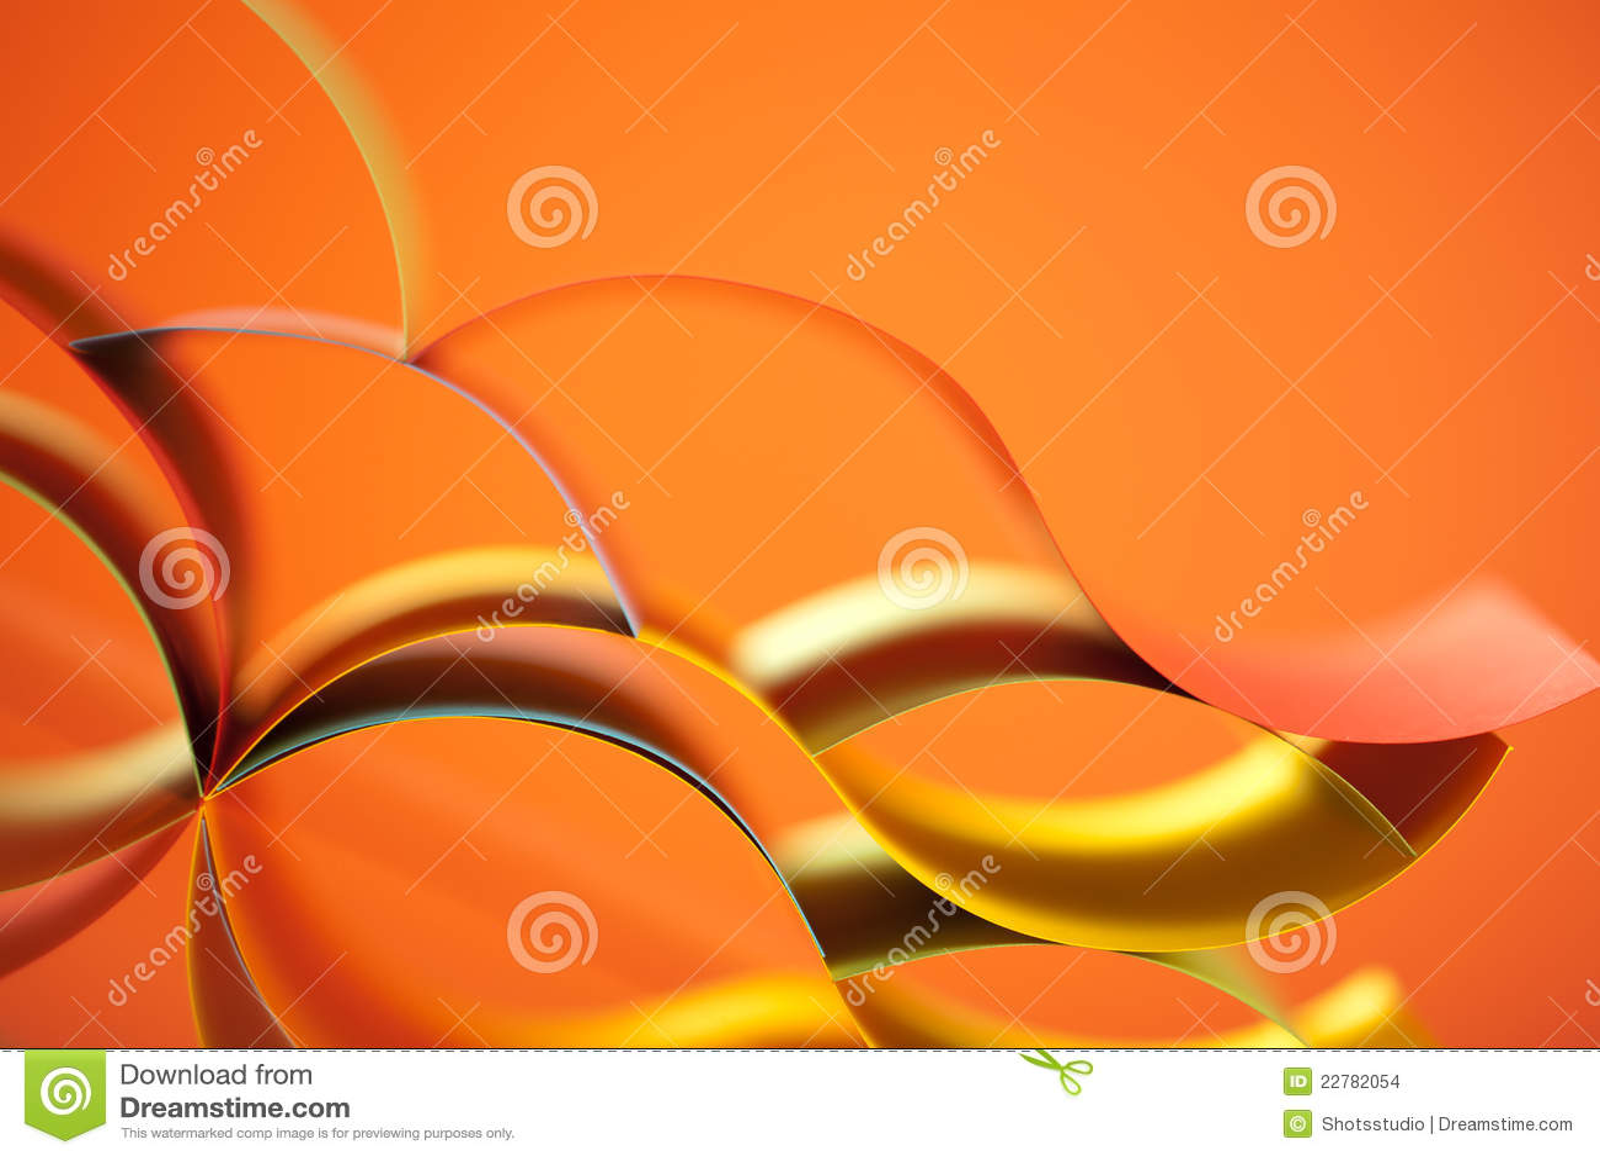 Documento coloreado del extracto sobre fondo anaranjado